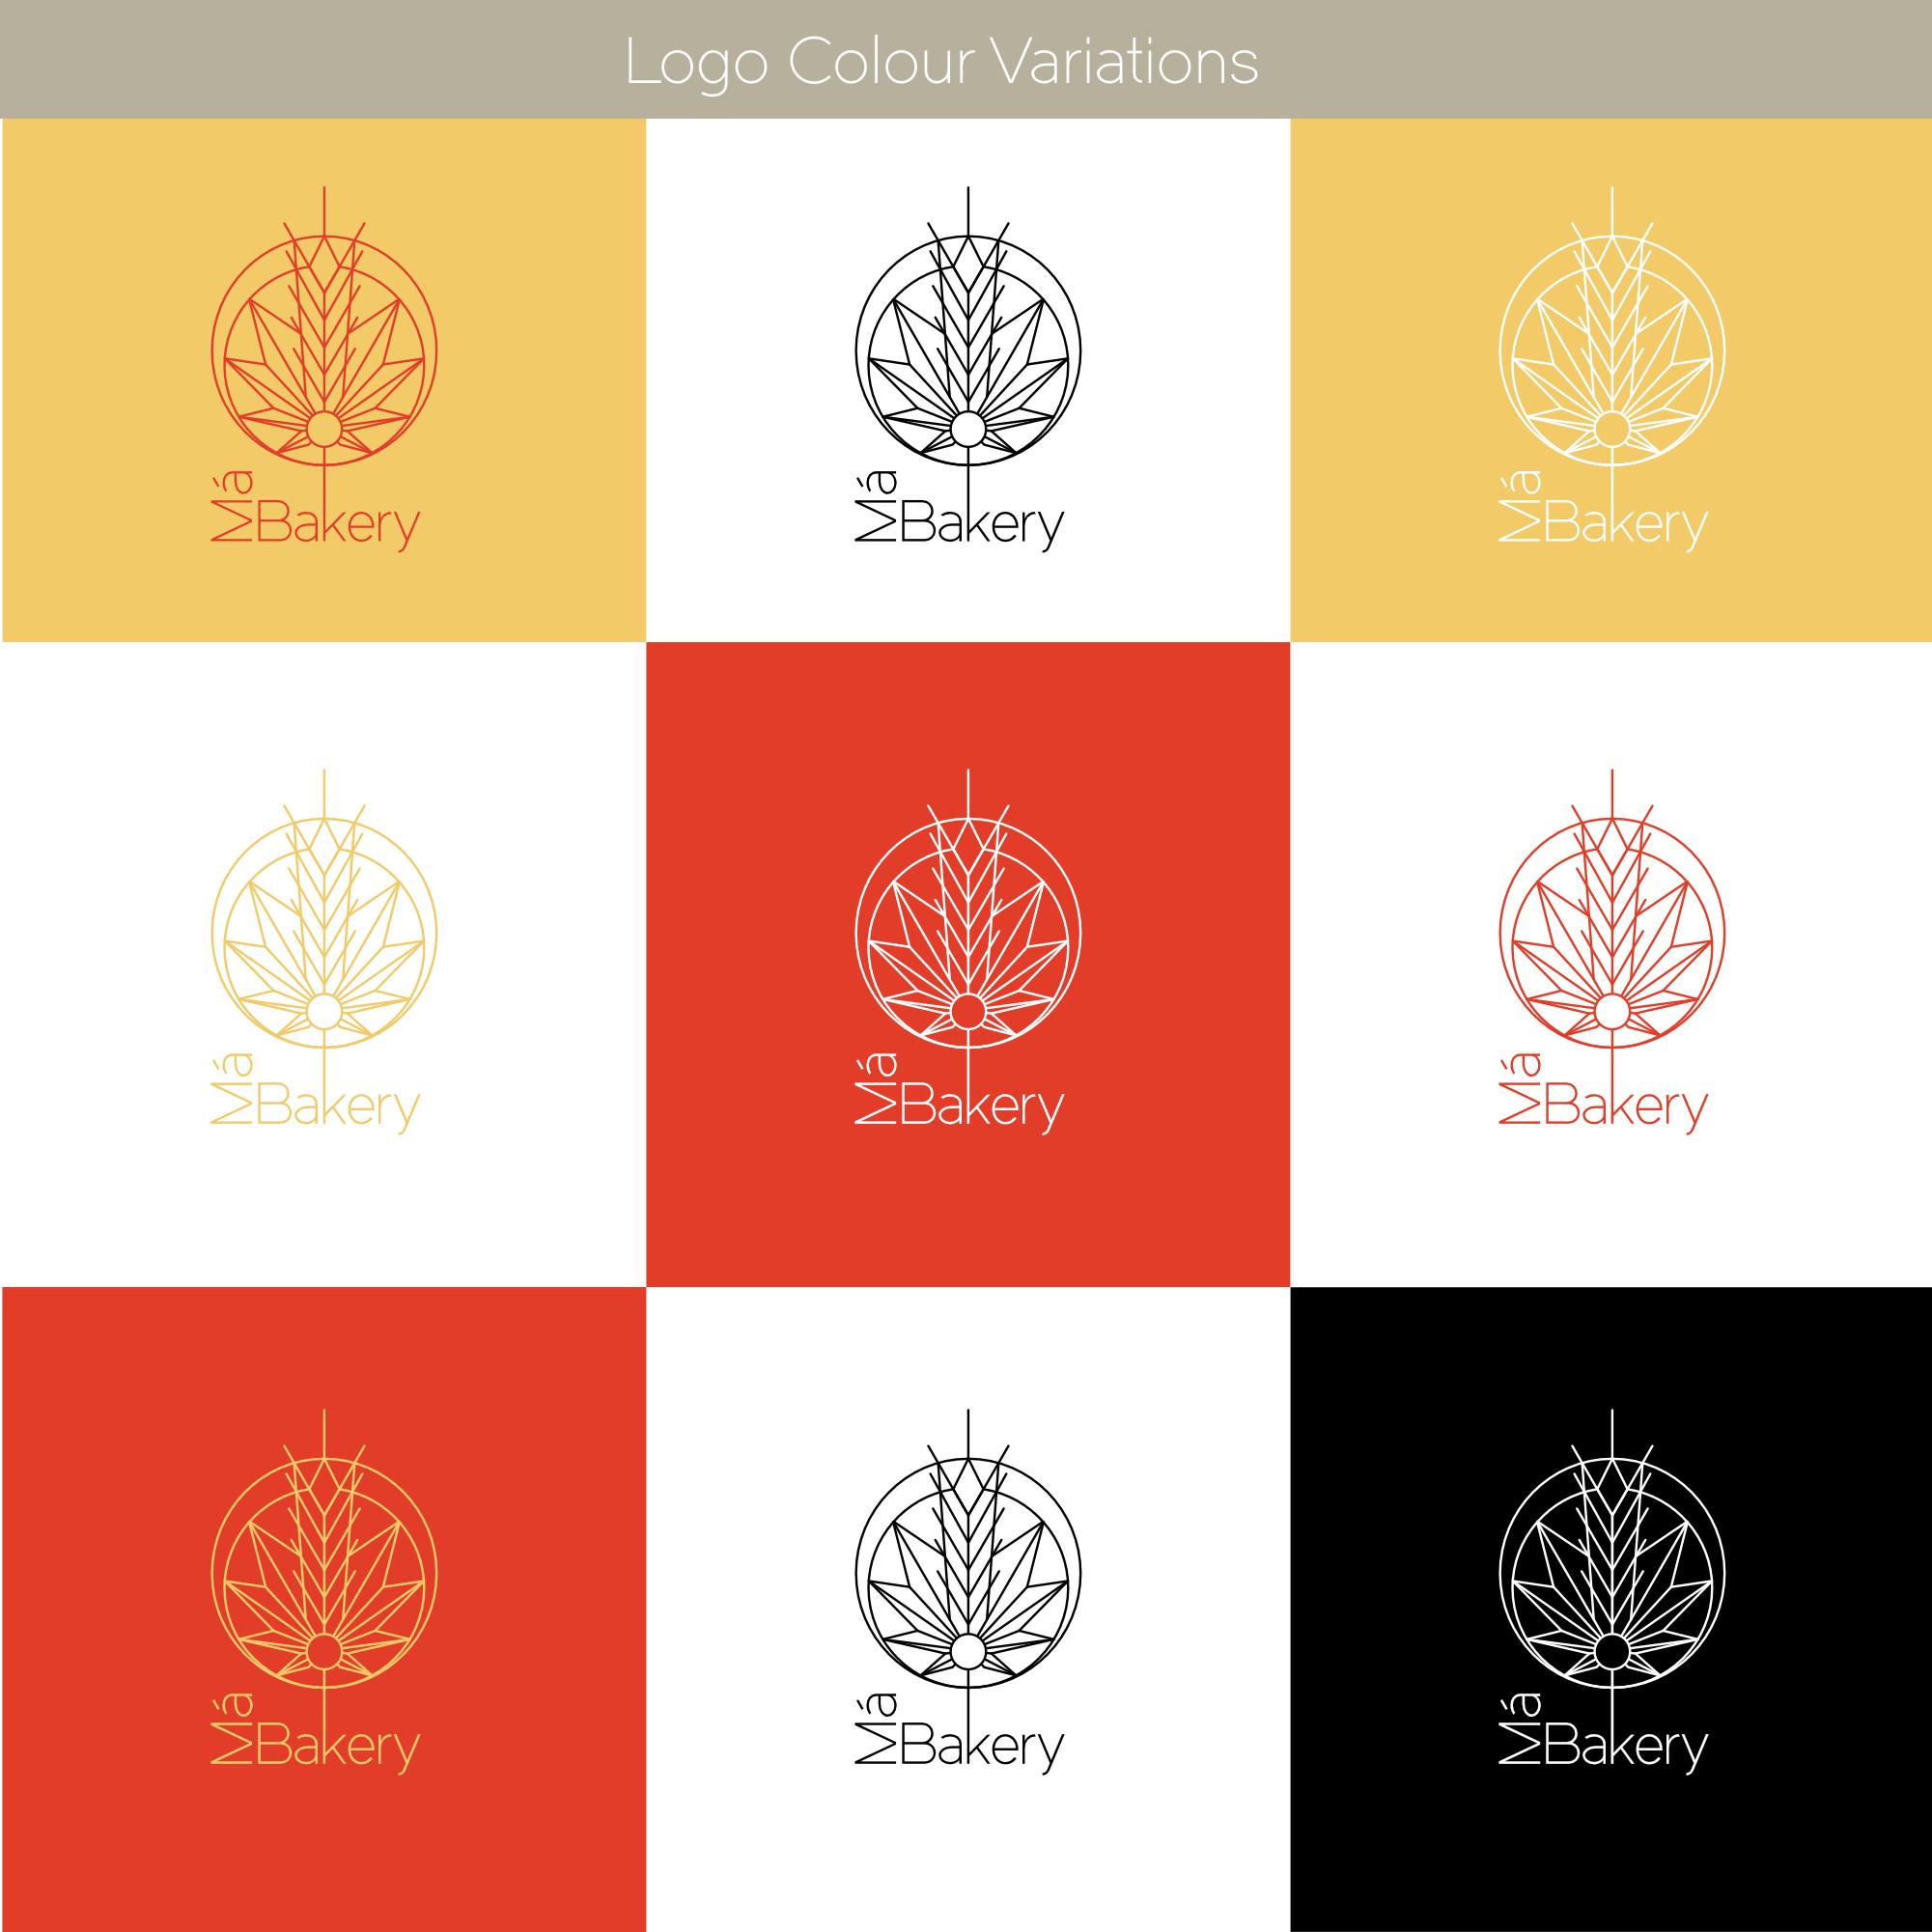 Má Bakery Logo Colour Variations